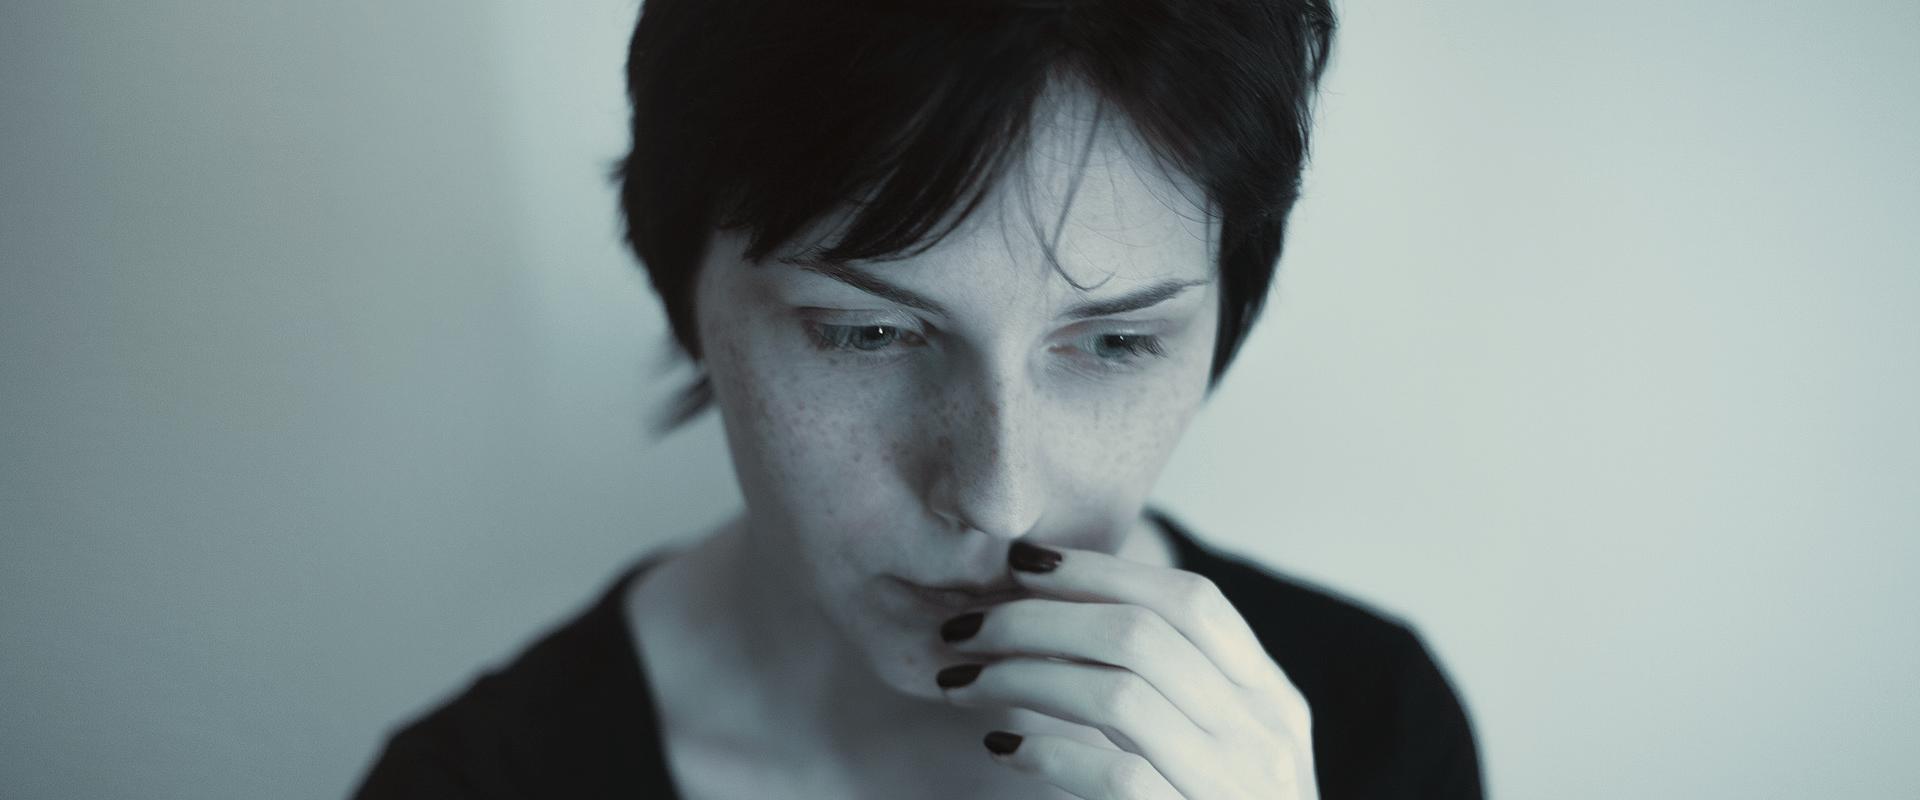 psicologo-especialista-depresion